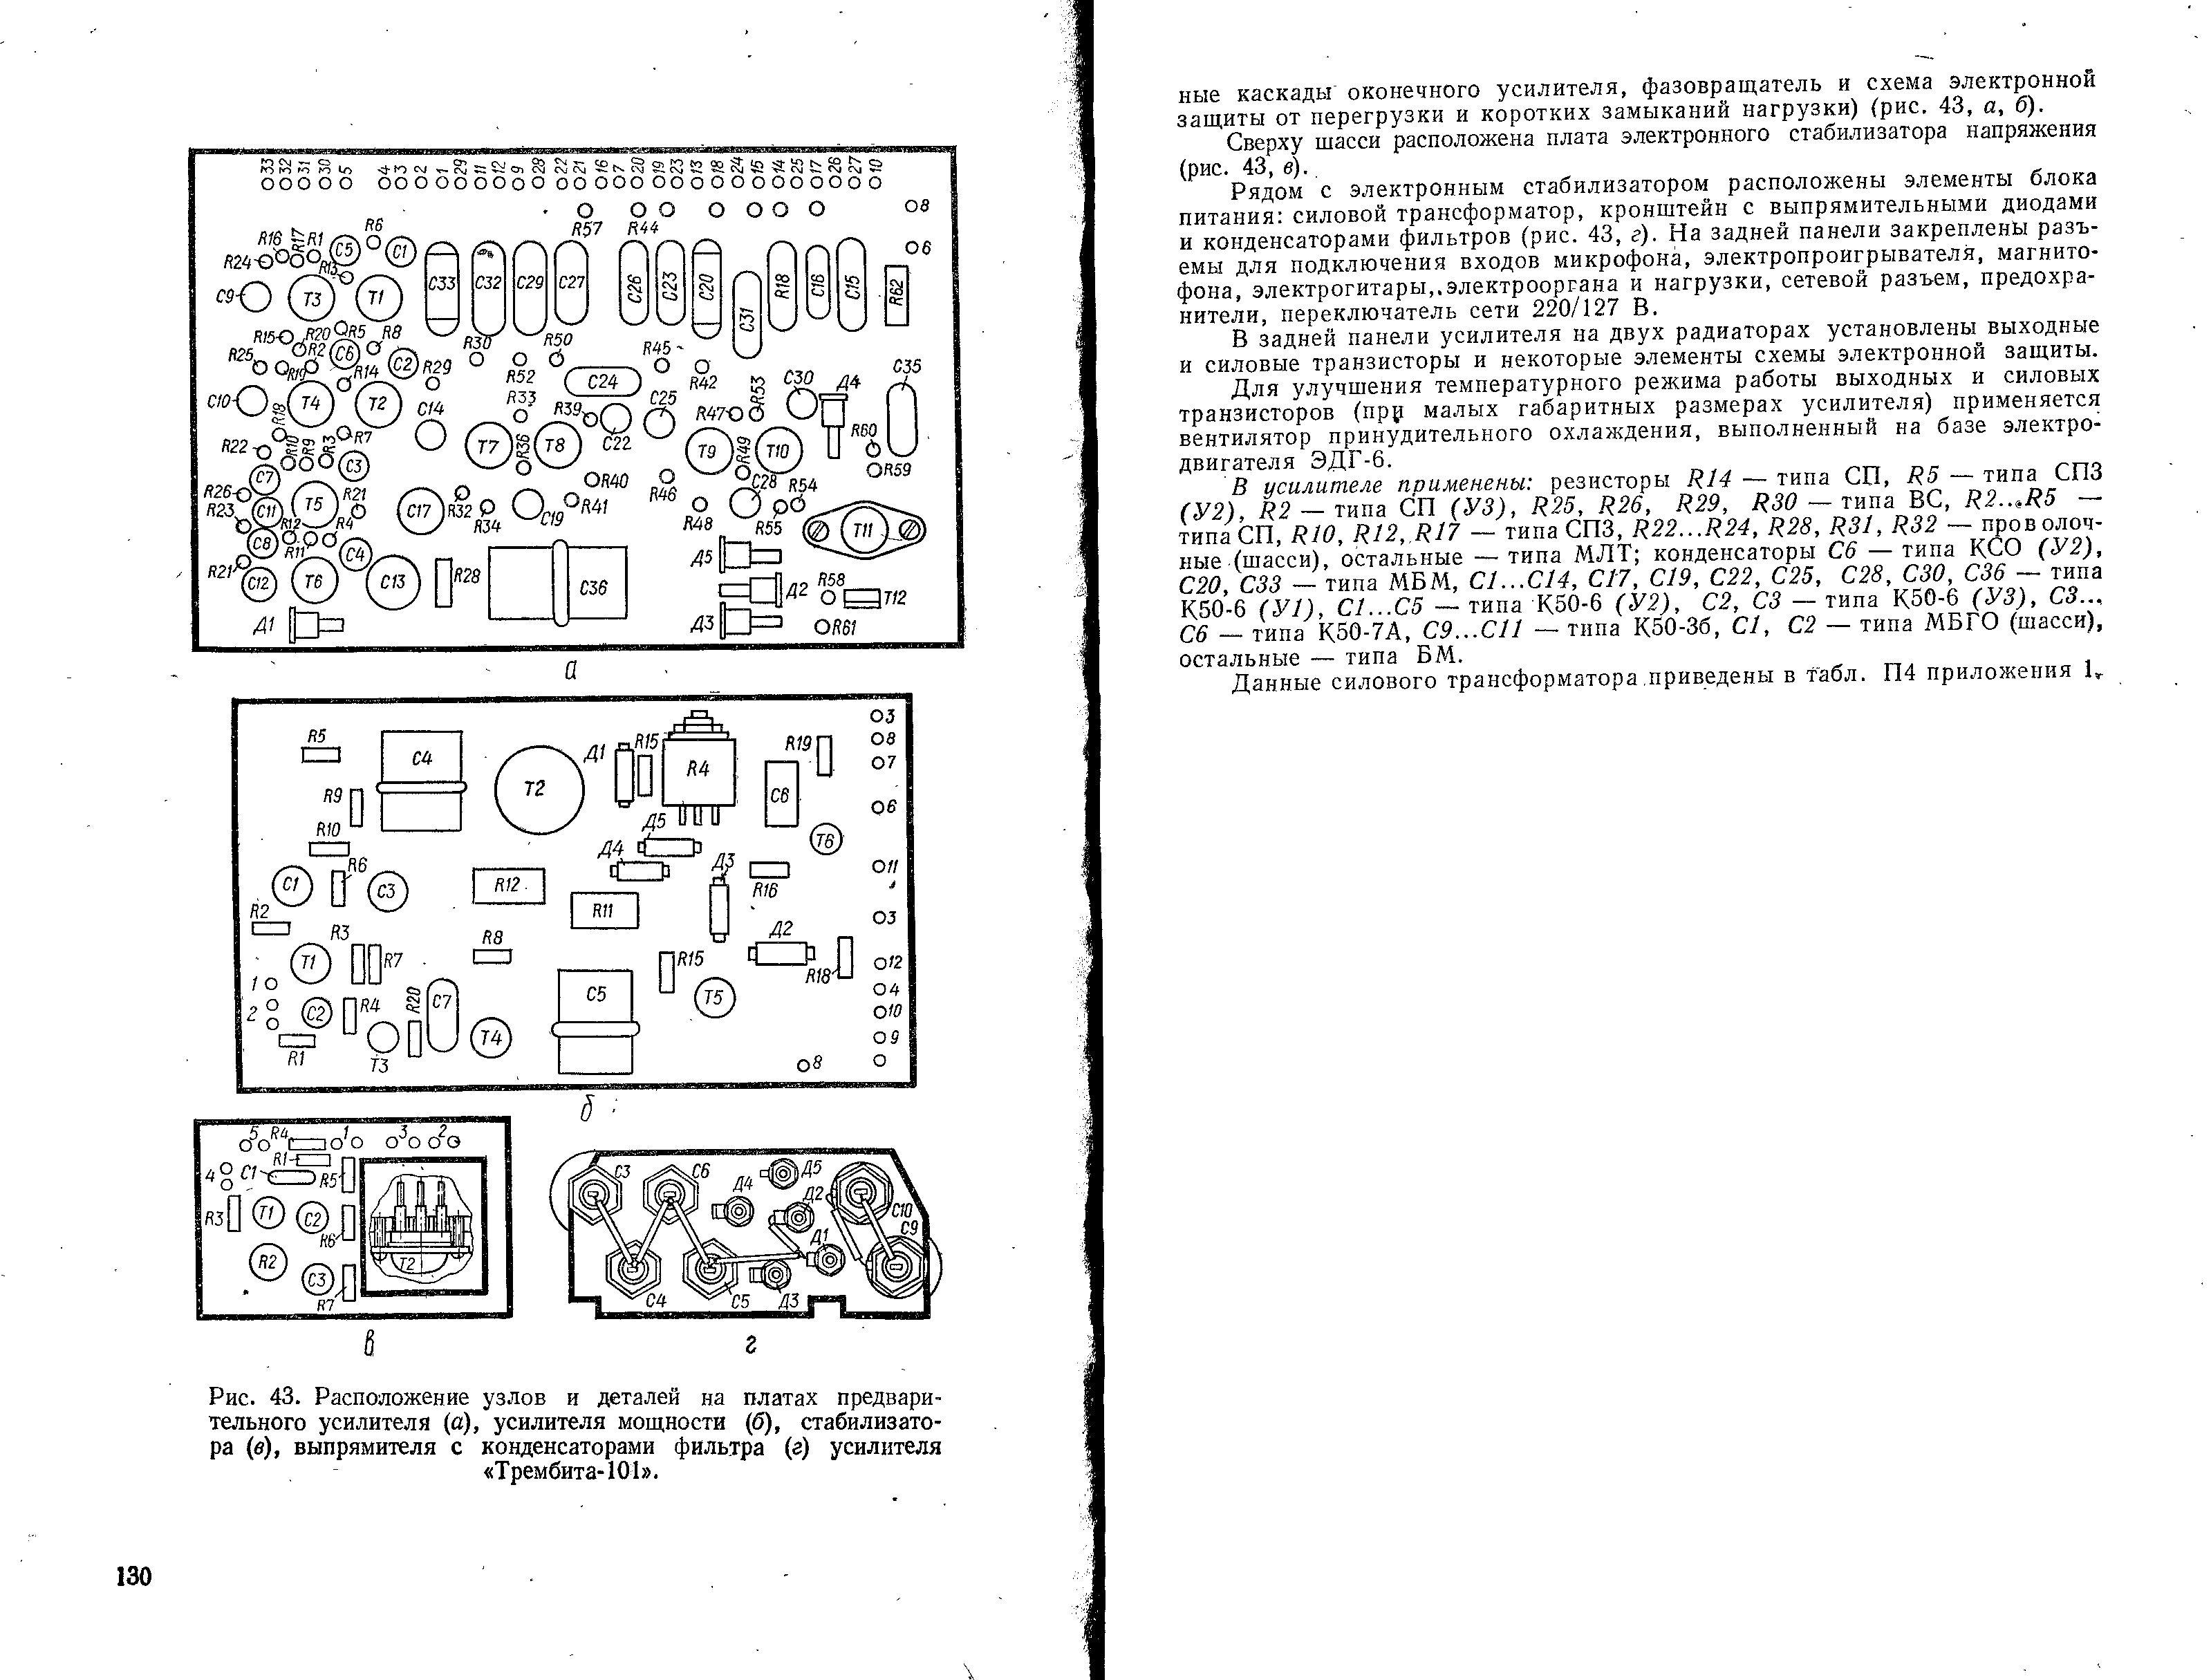 электроника уау 03 схема